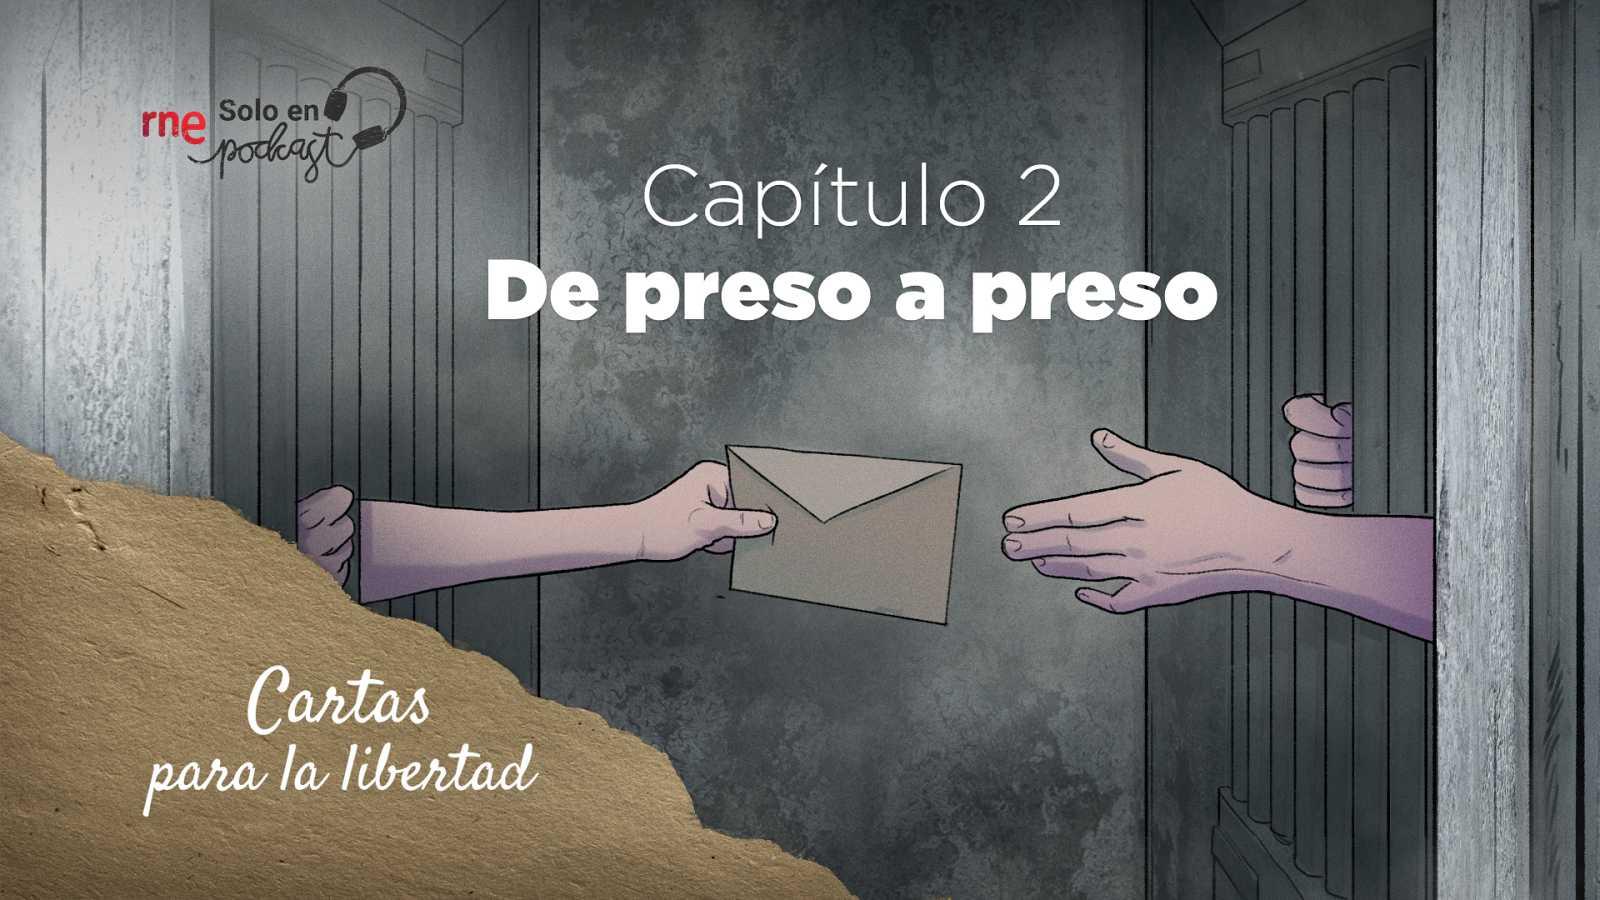 Cartas para la libertad - Capítulo 2: De preso a preso - Escuchar ahora